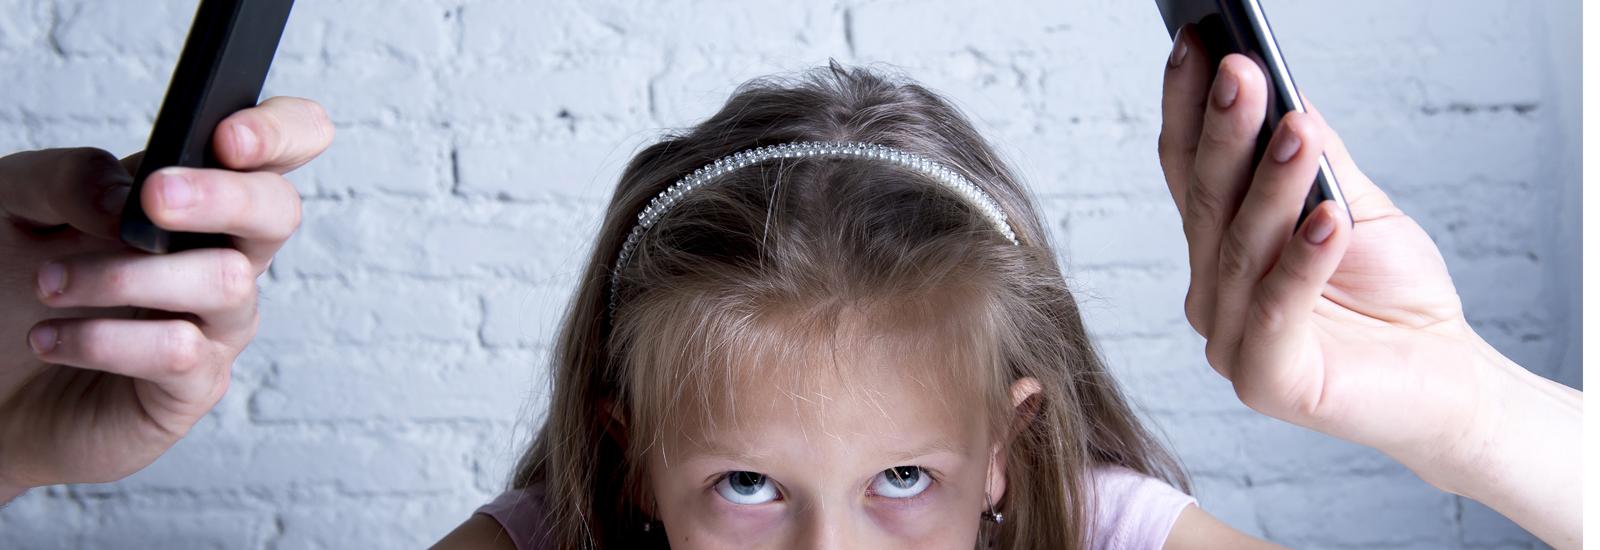 """""""Kinder haben keine angeborene Kompetenz, sich sicher im Internet zu verhalten"""""""